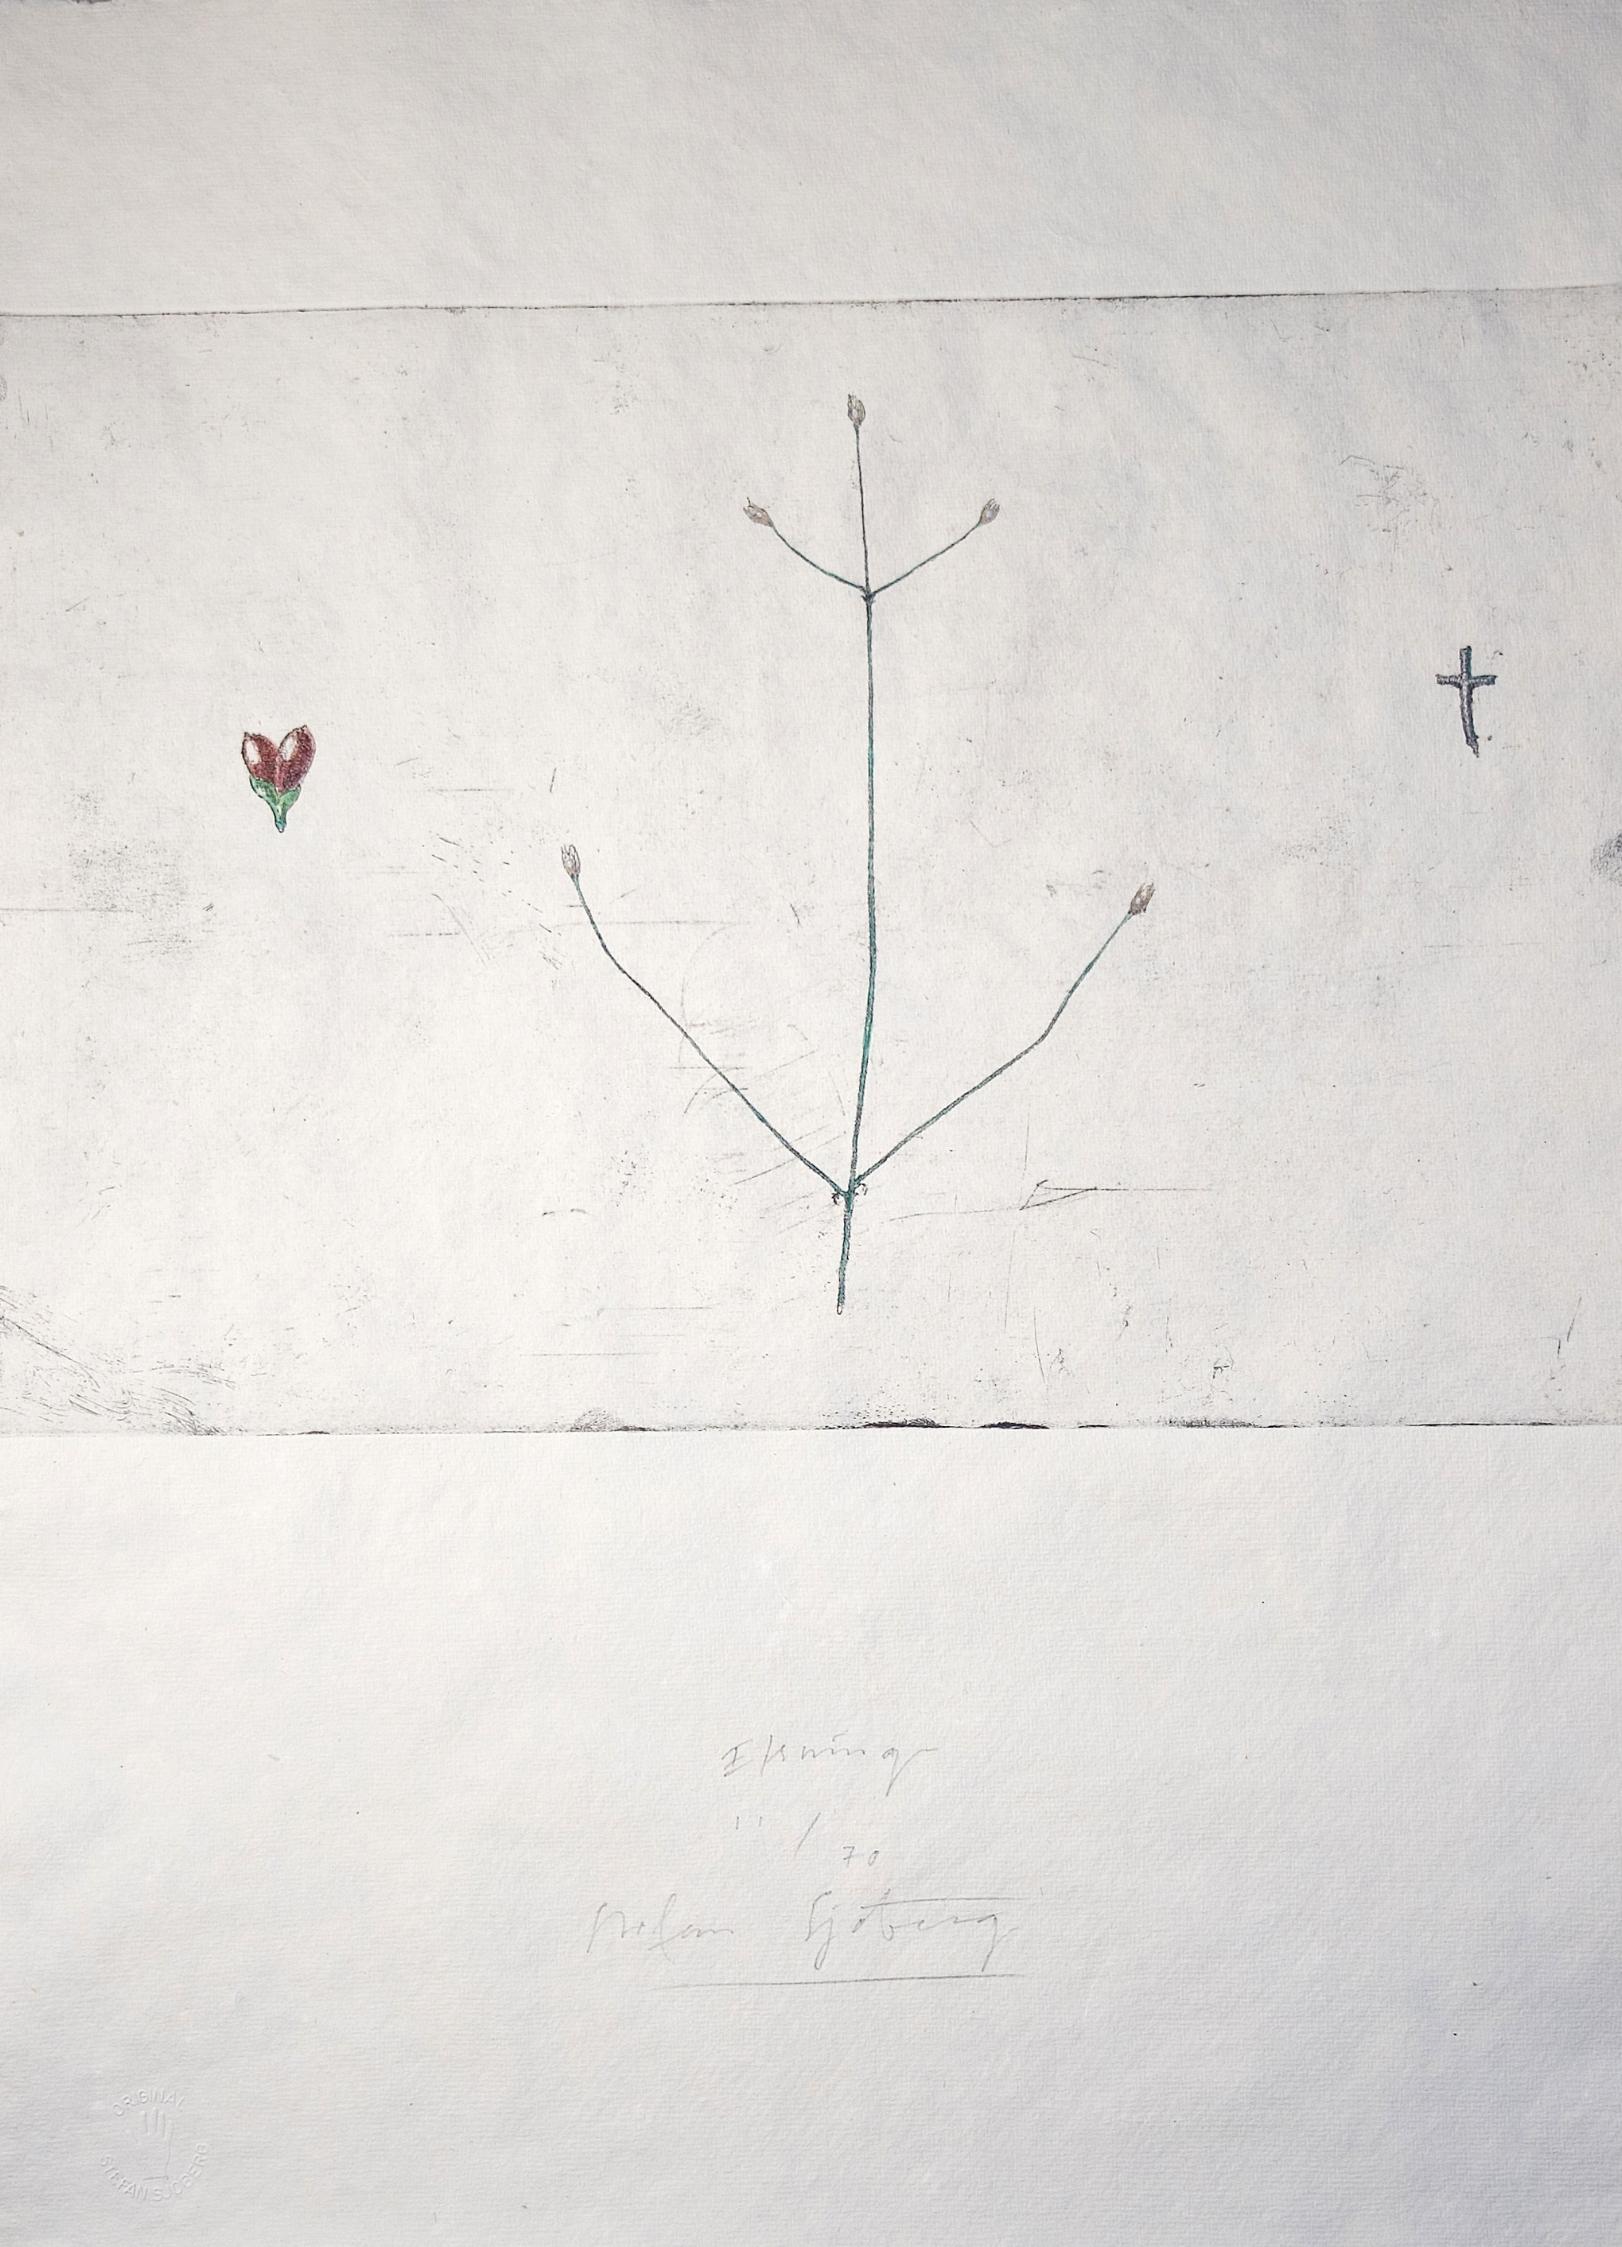 Tro-hopp-kärlek i naturen (4).jpg